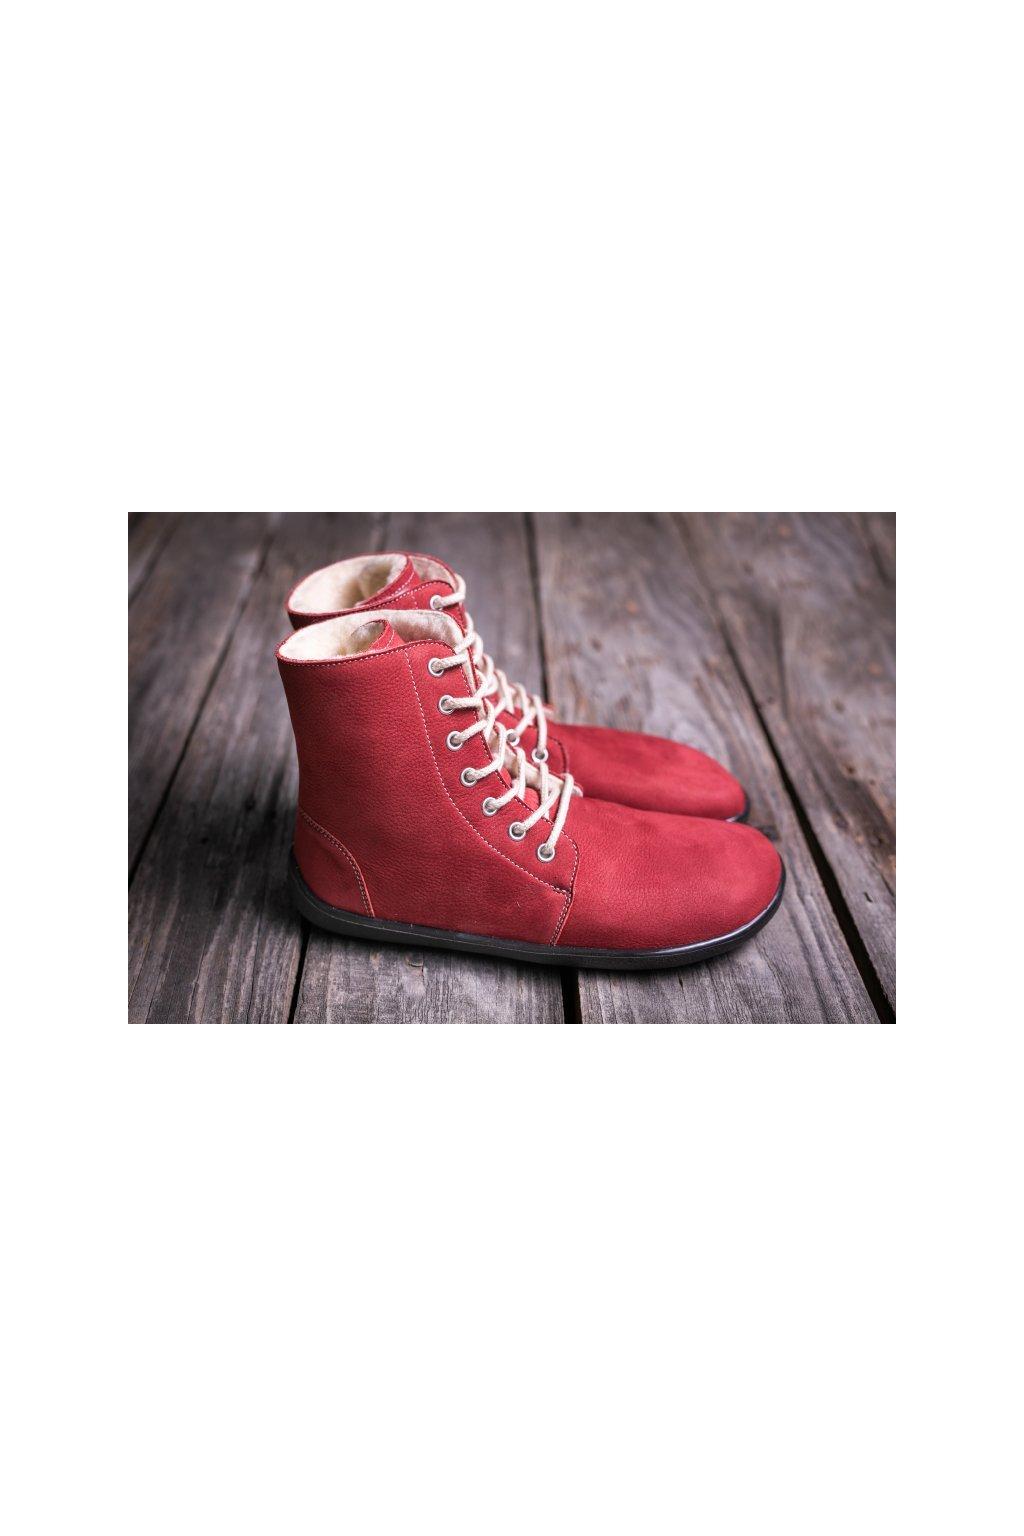 Barefoot kotnikova obuv Winter vinova 1